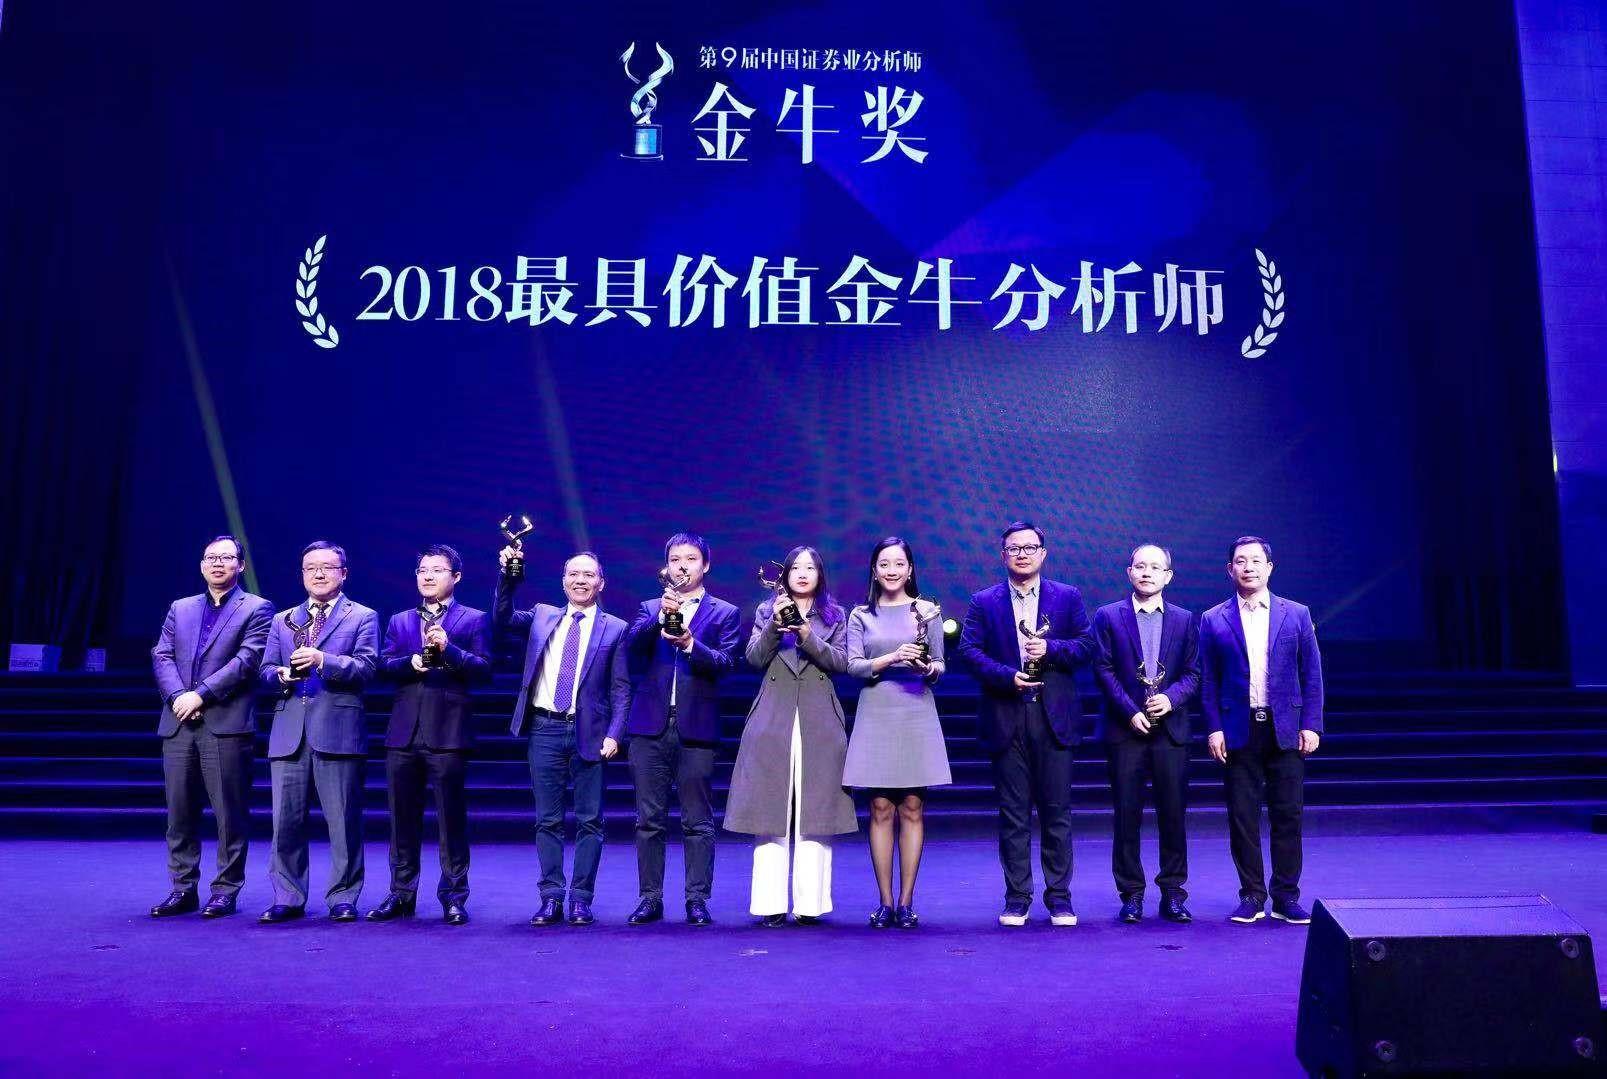 第九届中国证券业分析师金牛奖榜单出炉